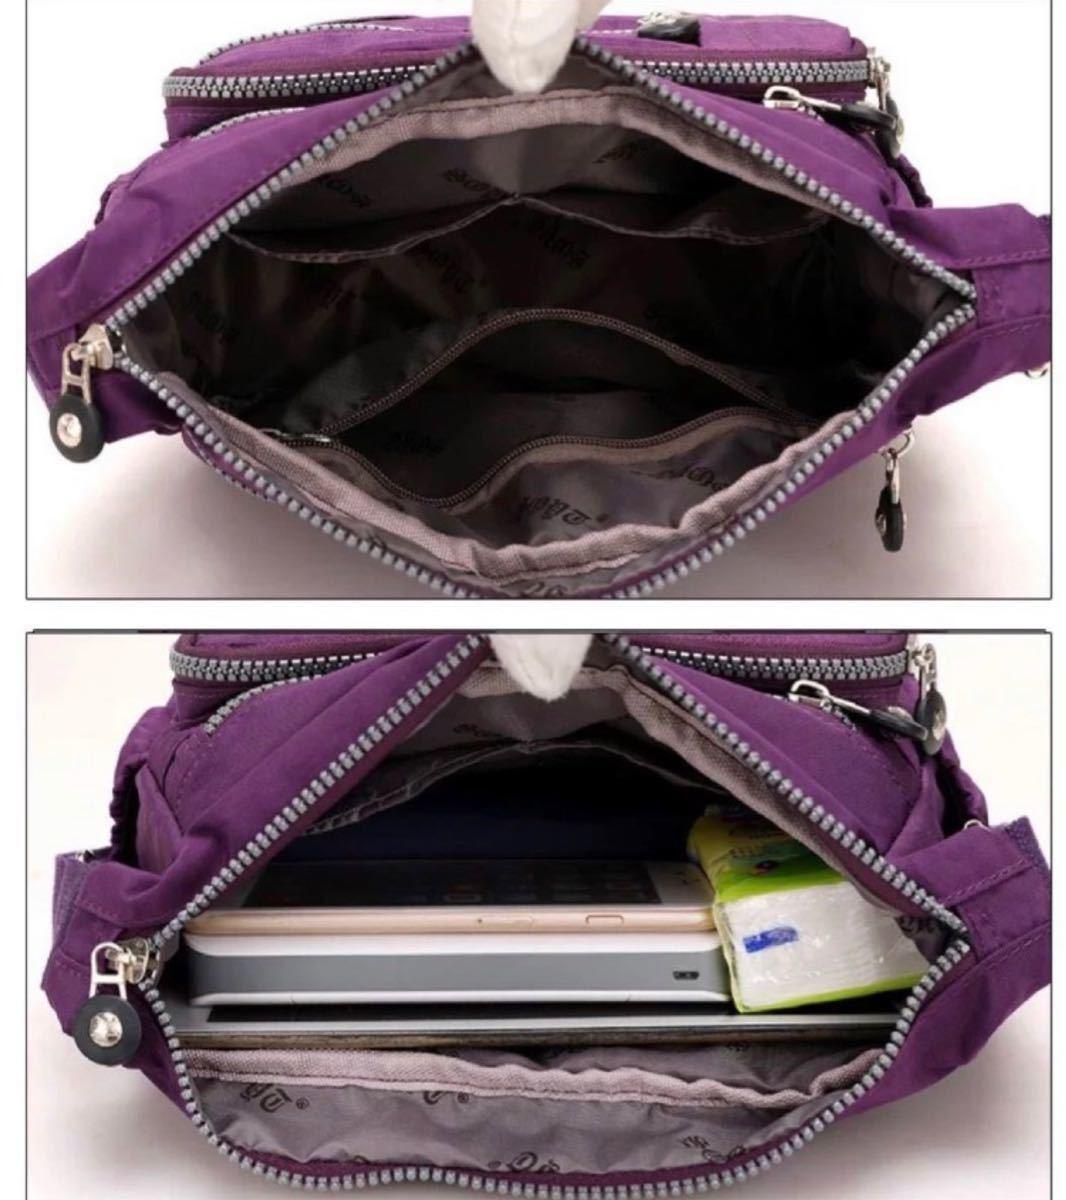 ショルダーバッグ 斜めがけ 軽量 レディースバッグ ボディーバッグ 赤 iPad ショルダーバッグレディース